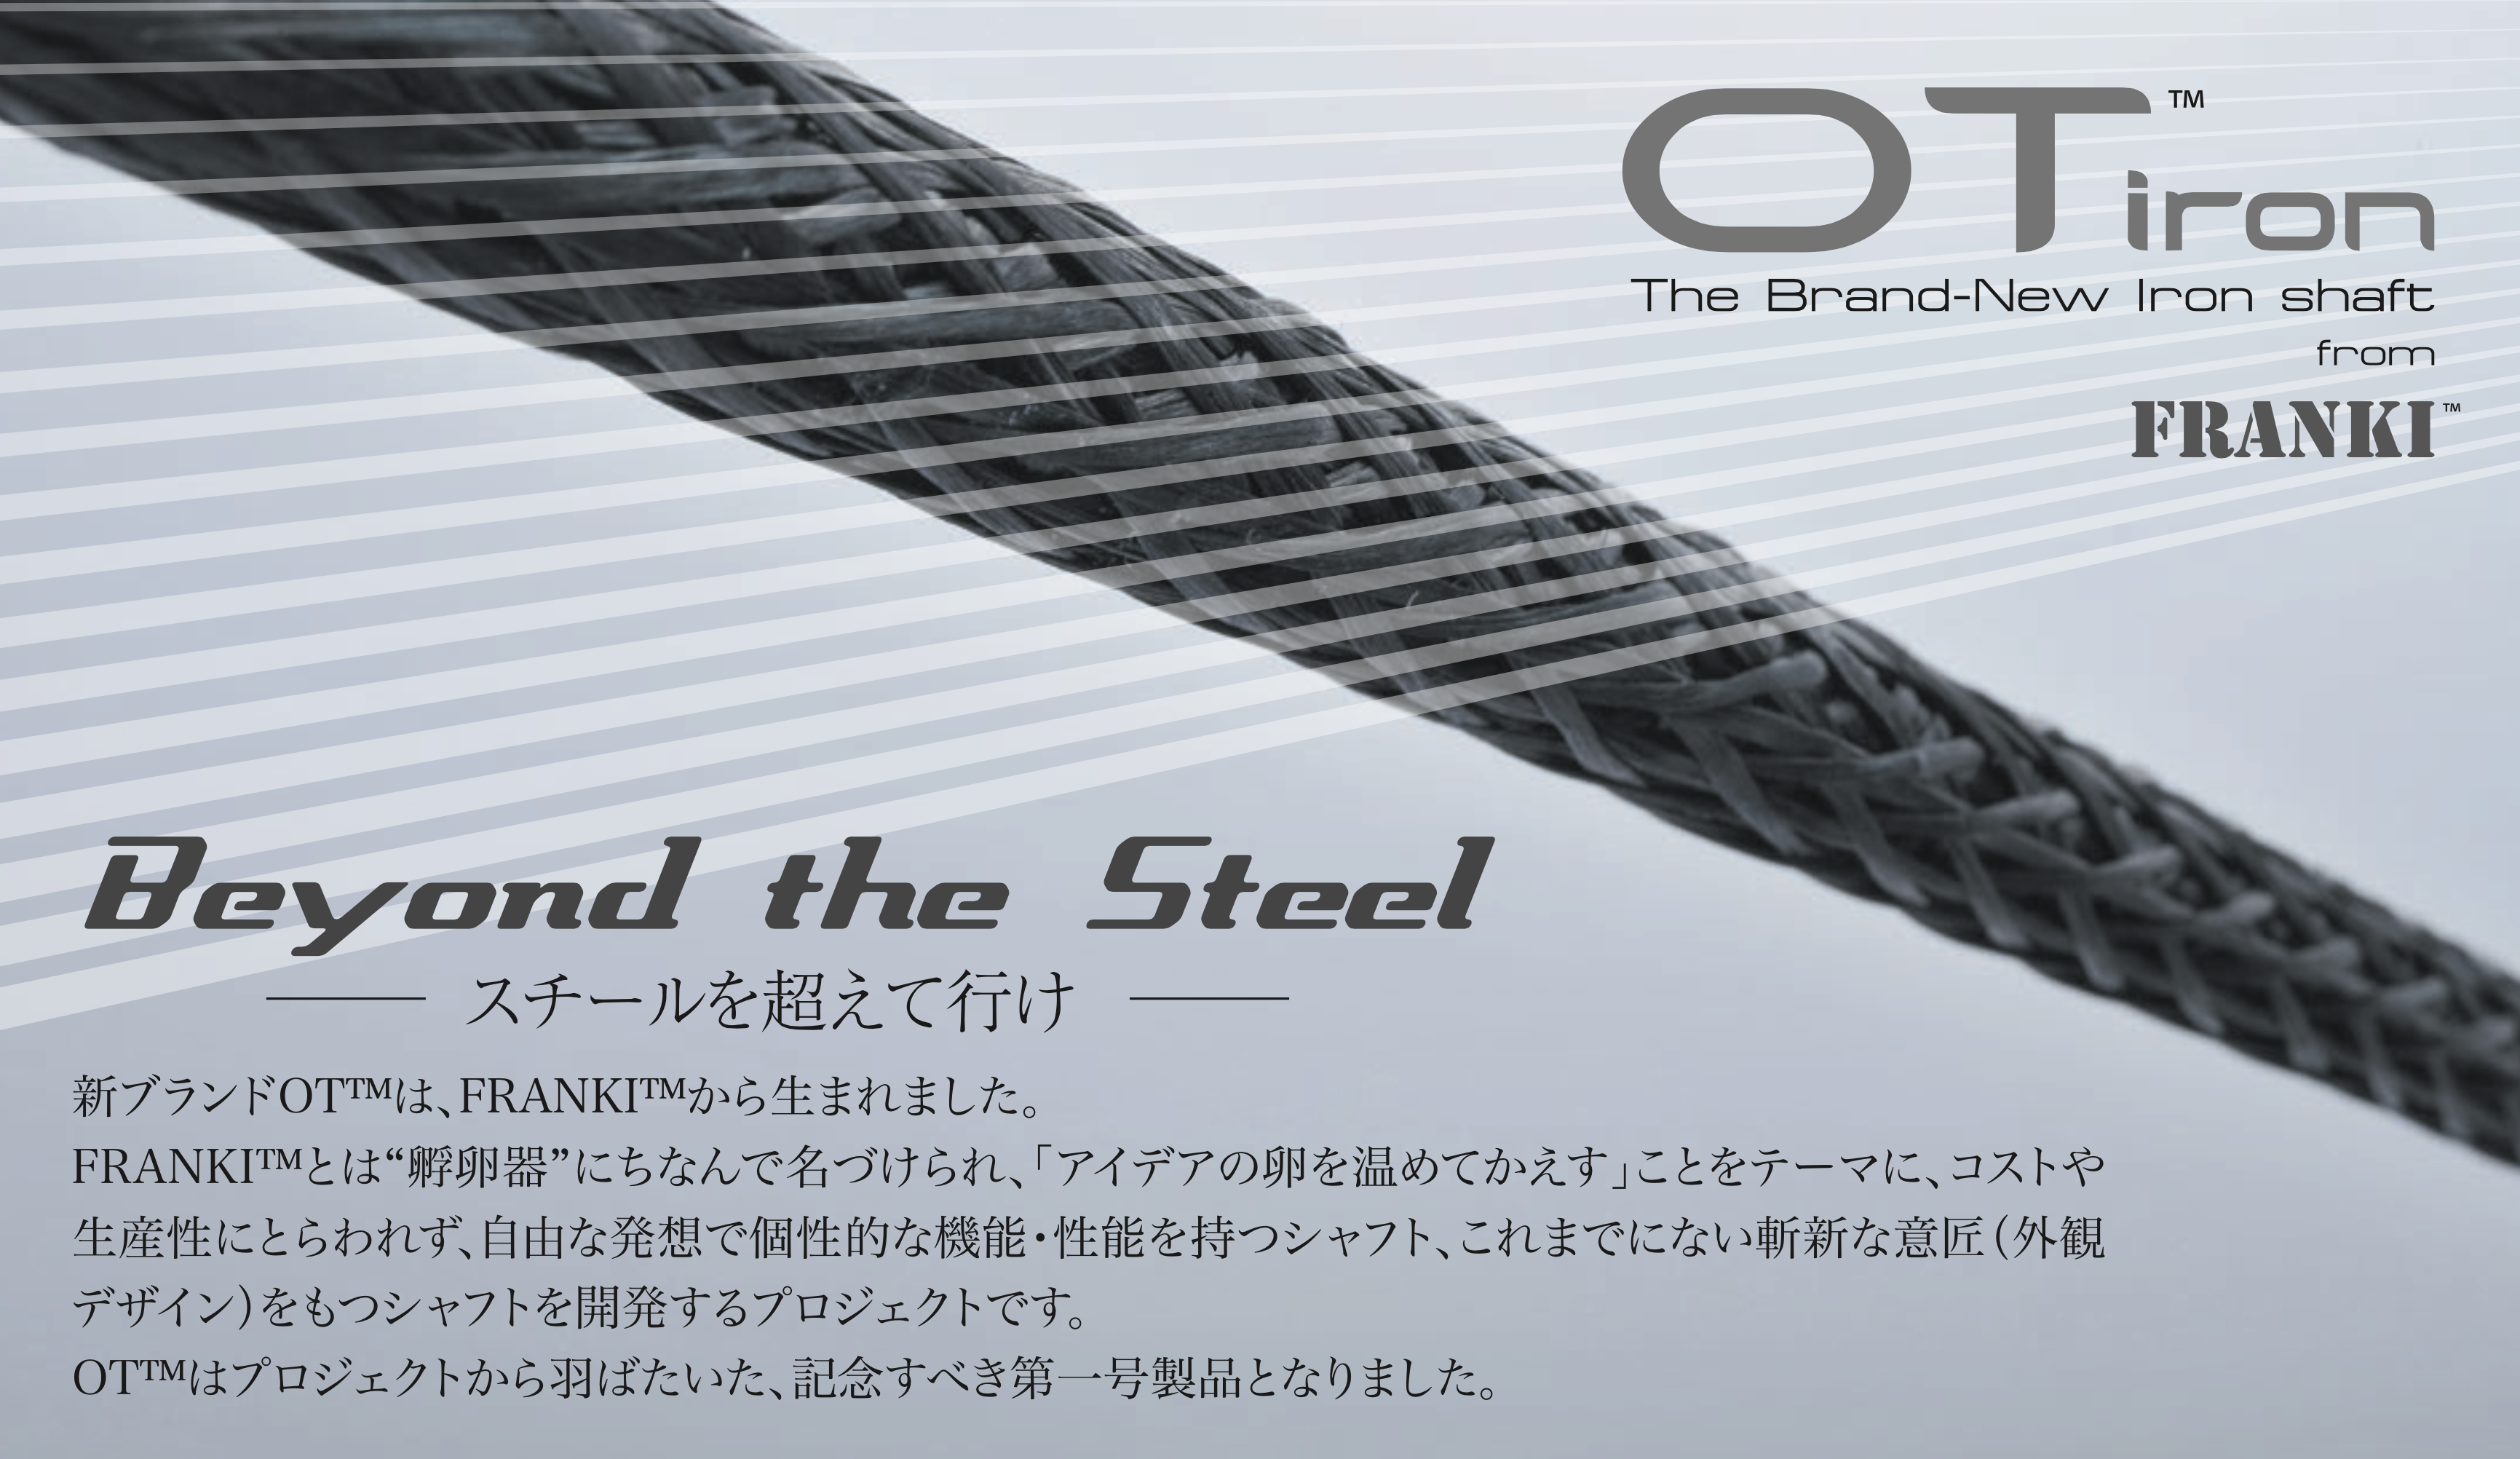 Mitsubishi OT Iron Shaft FRANKI